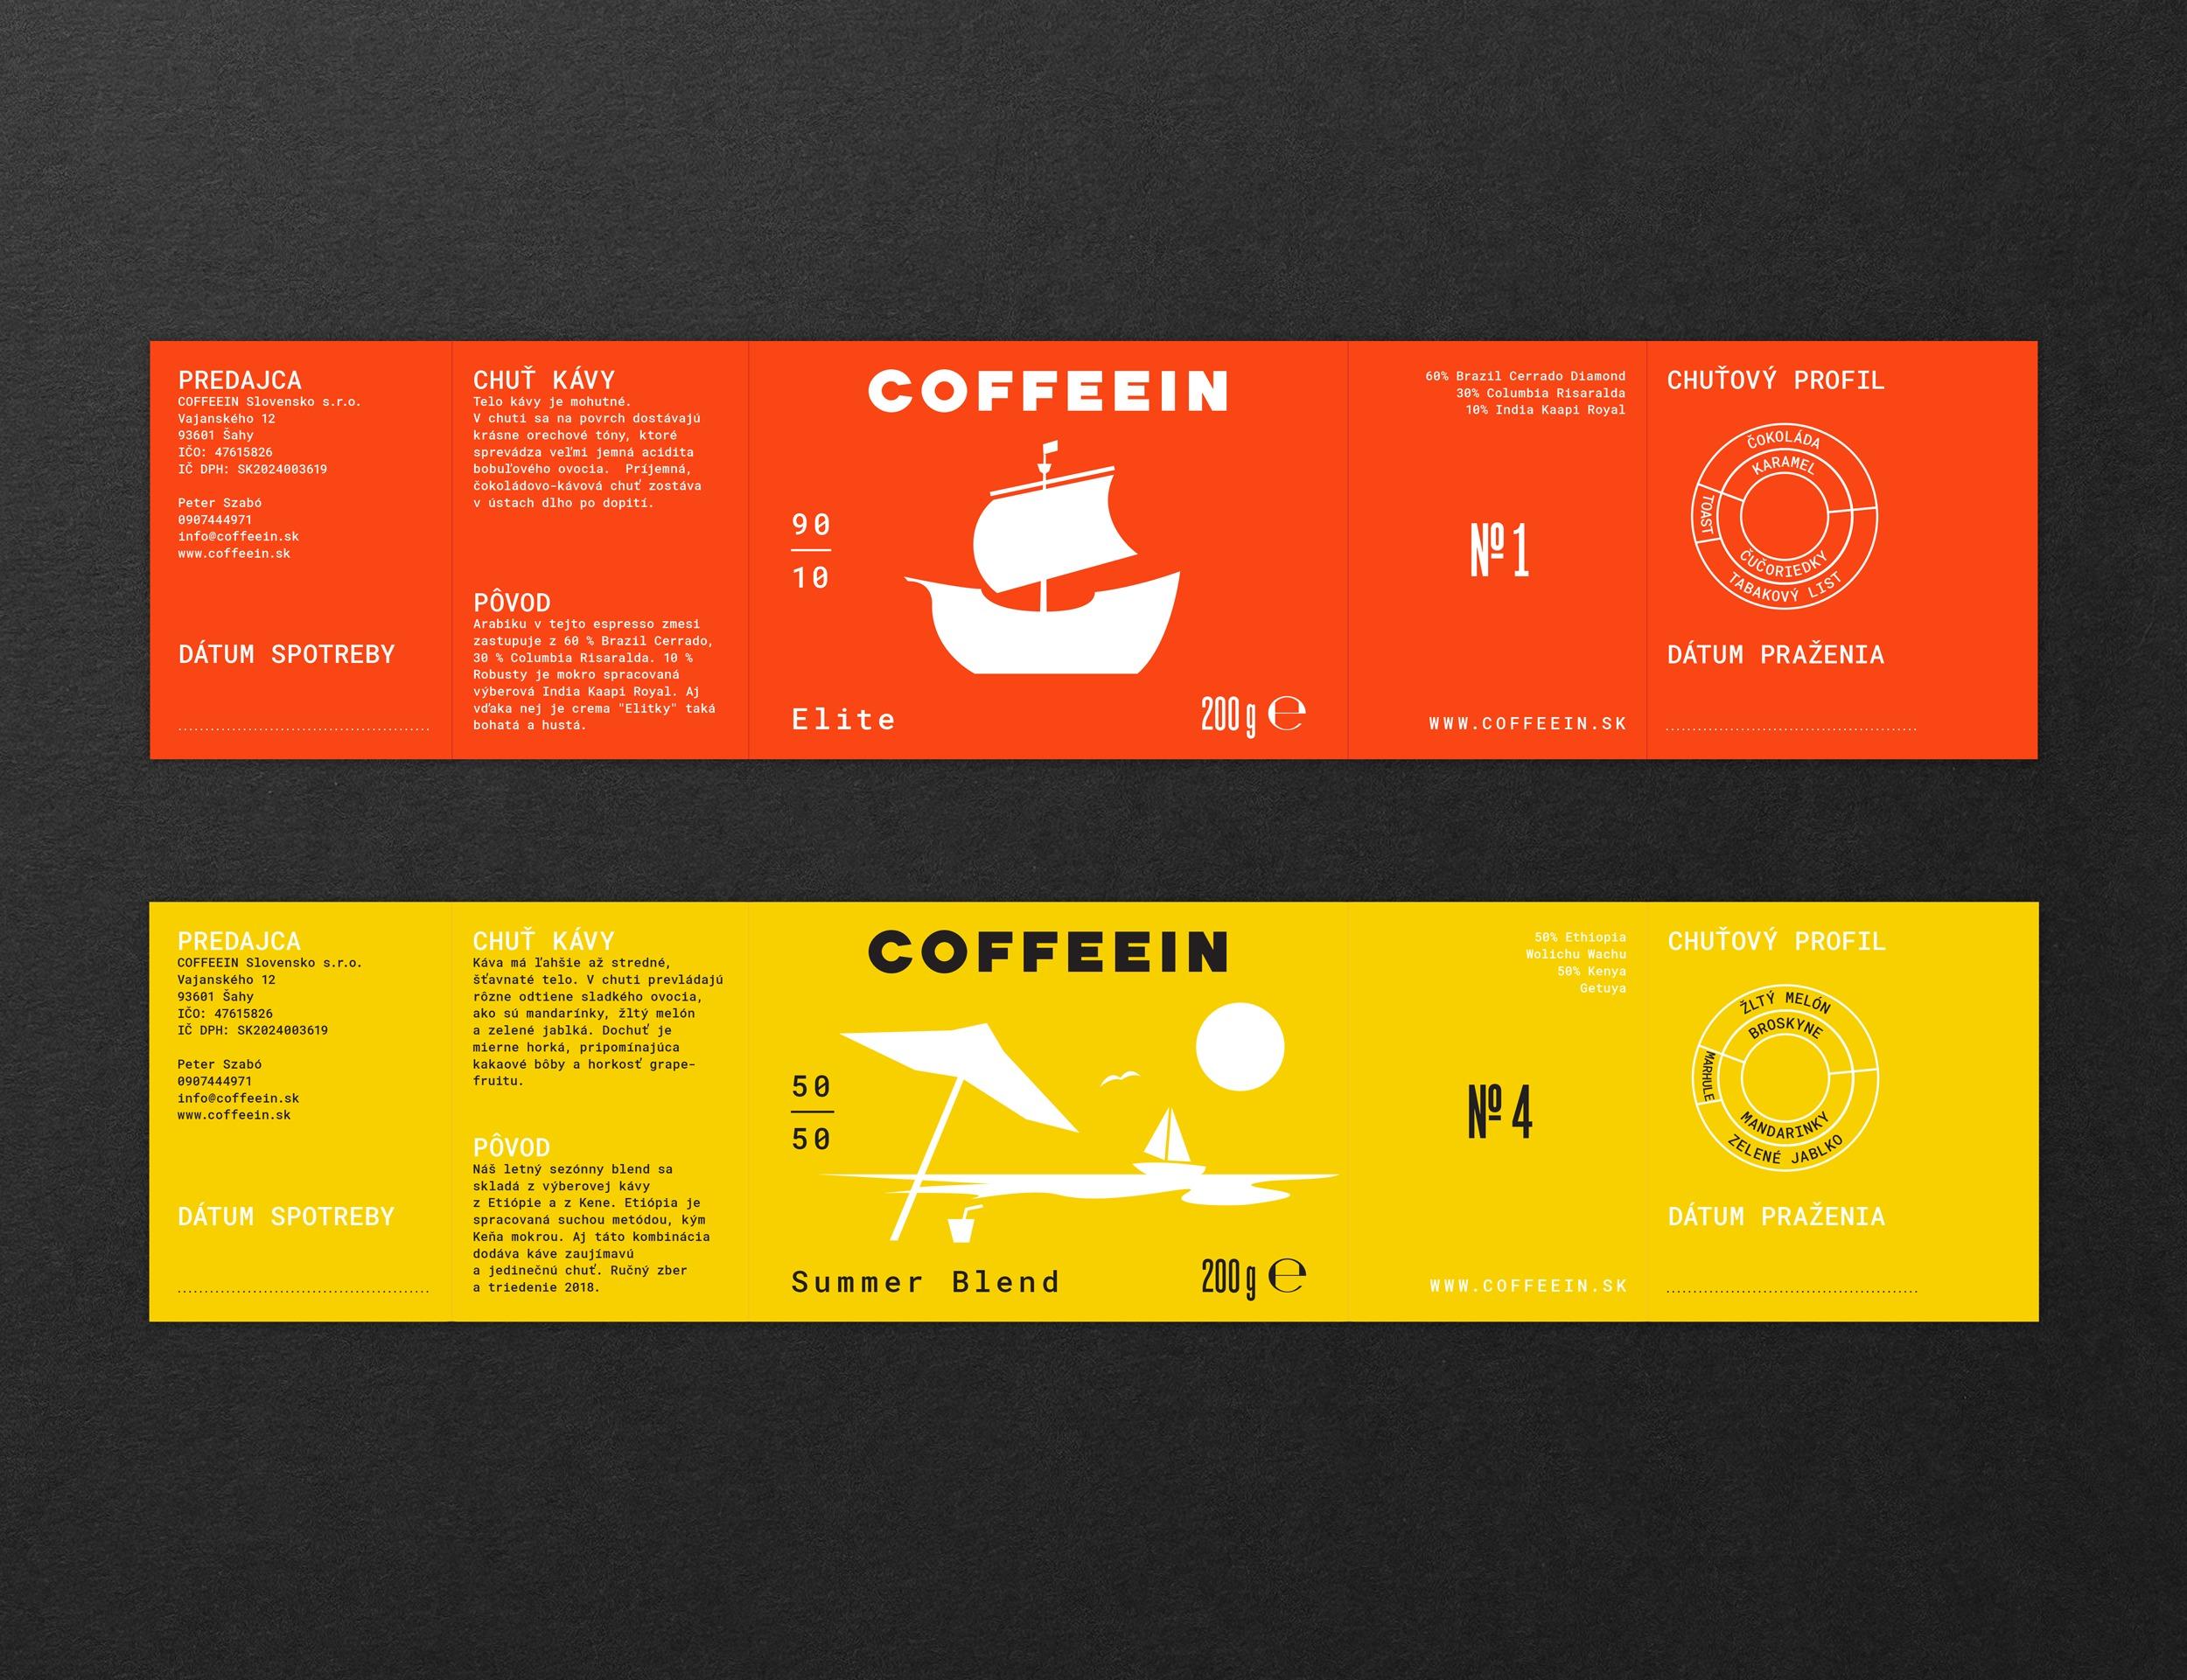 COFFEEIN_2_1